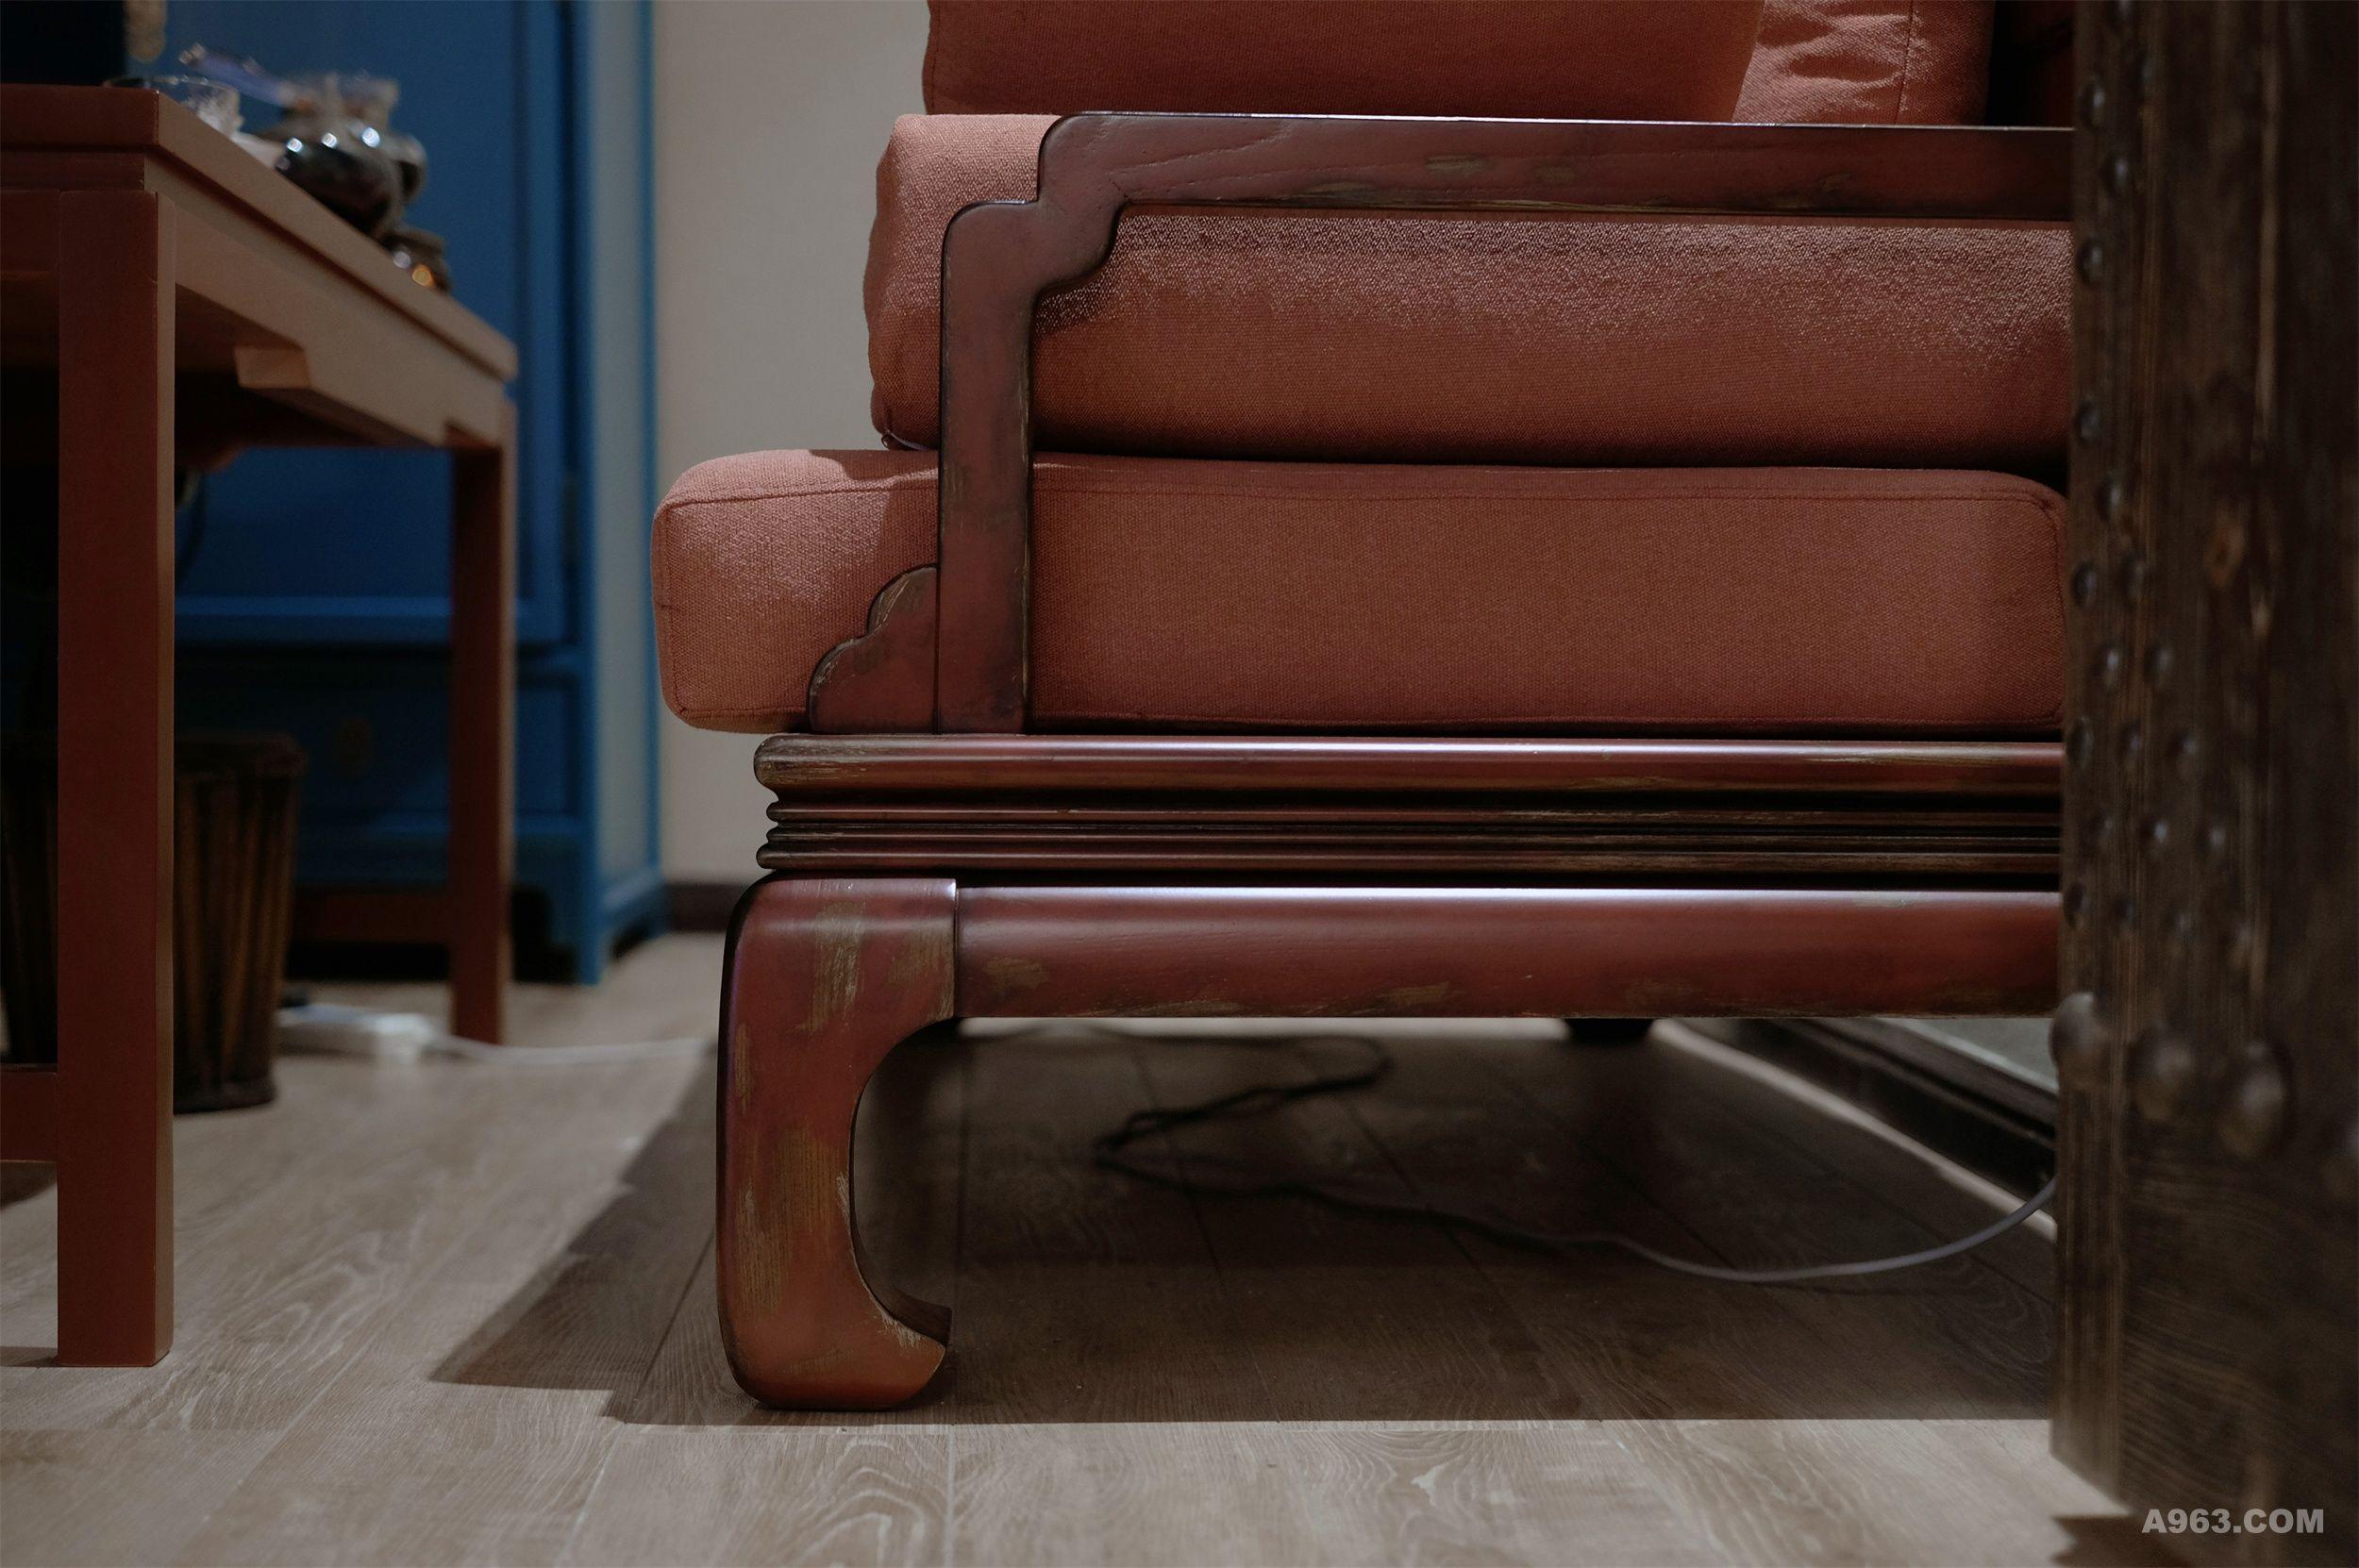 家具部分全部导入原创设计定制的新藏式展示家具,挂画以藏族坛城艺术